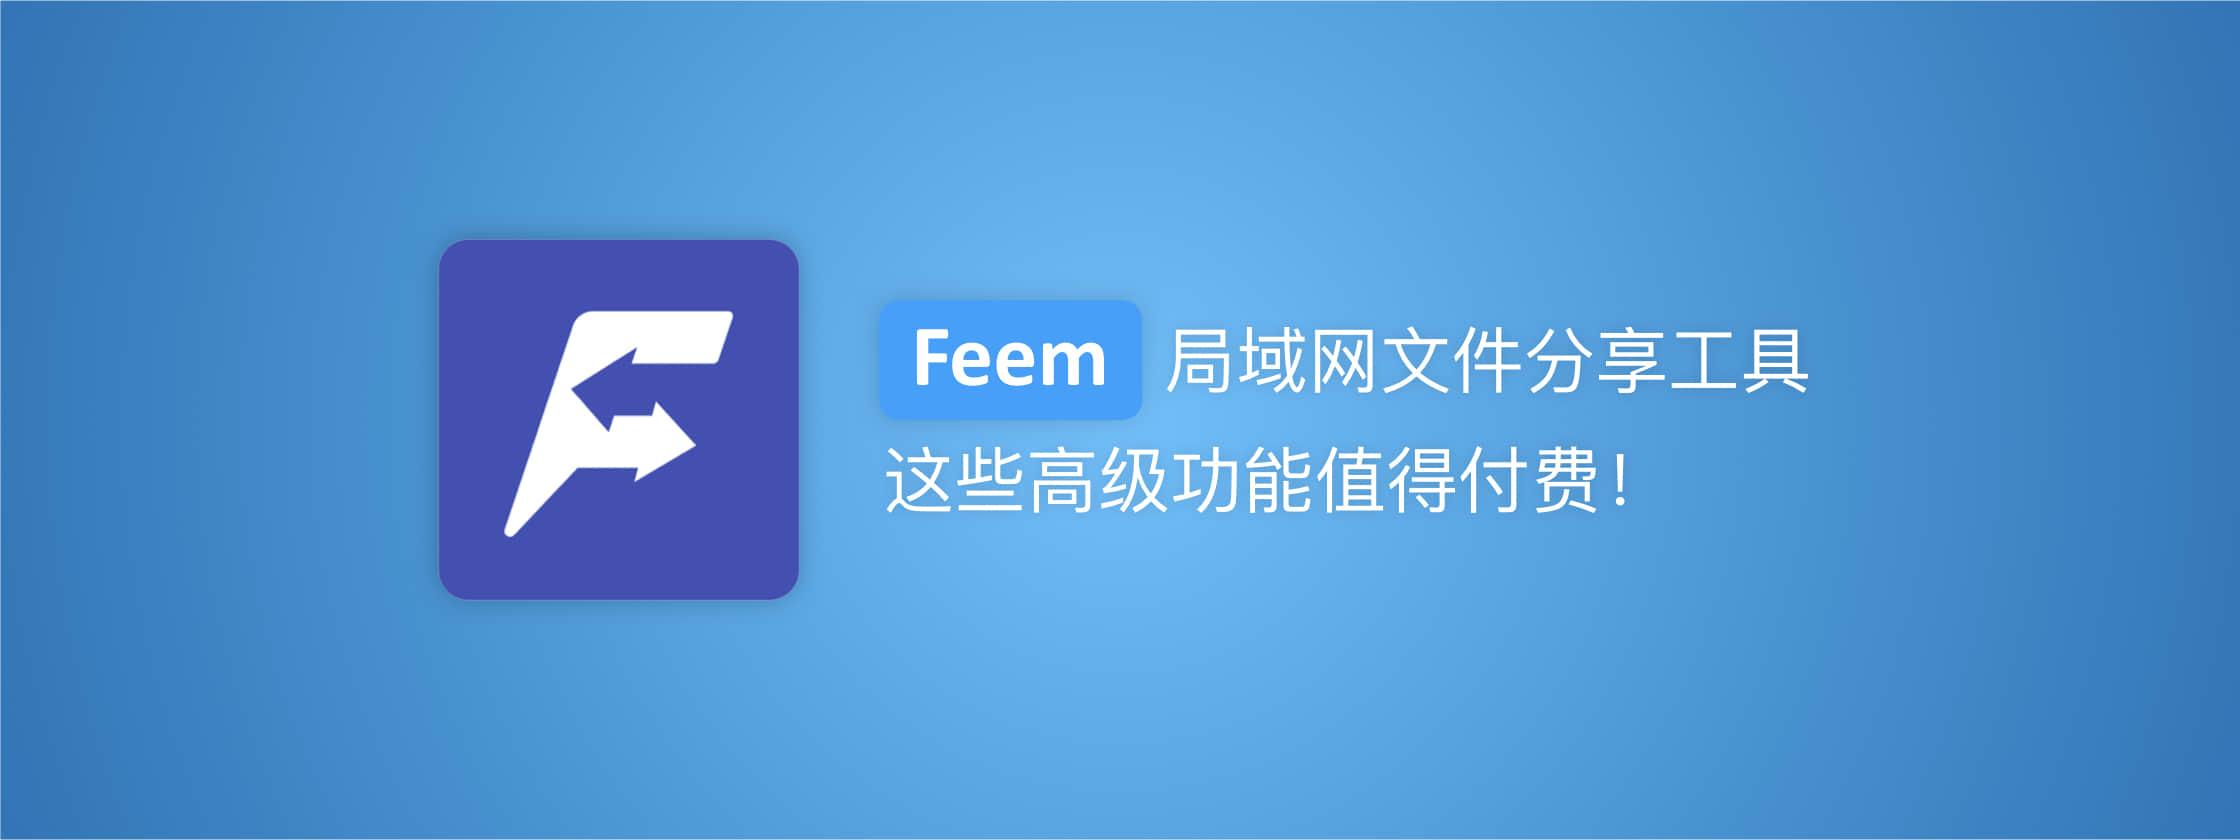 局域网文件分享工具 Feem,这些高级功能值得付费!